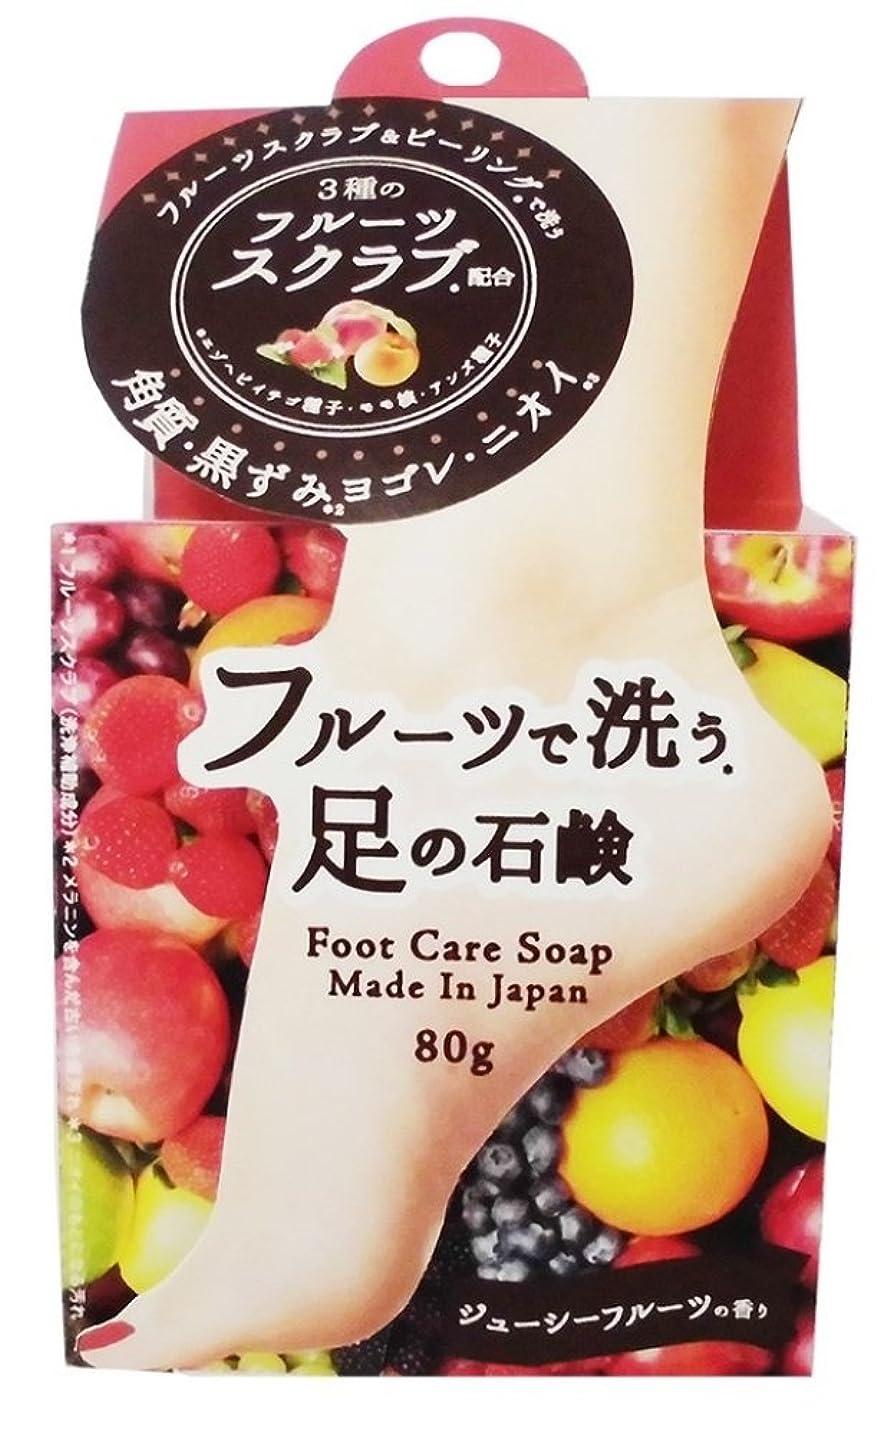 ちょうつがい勤勉な妖精ペリカン石鹸 フルーツで洗う足の石鹸 80g